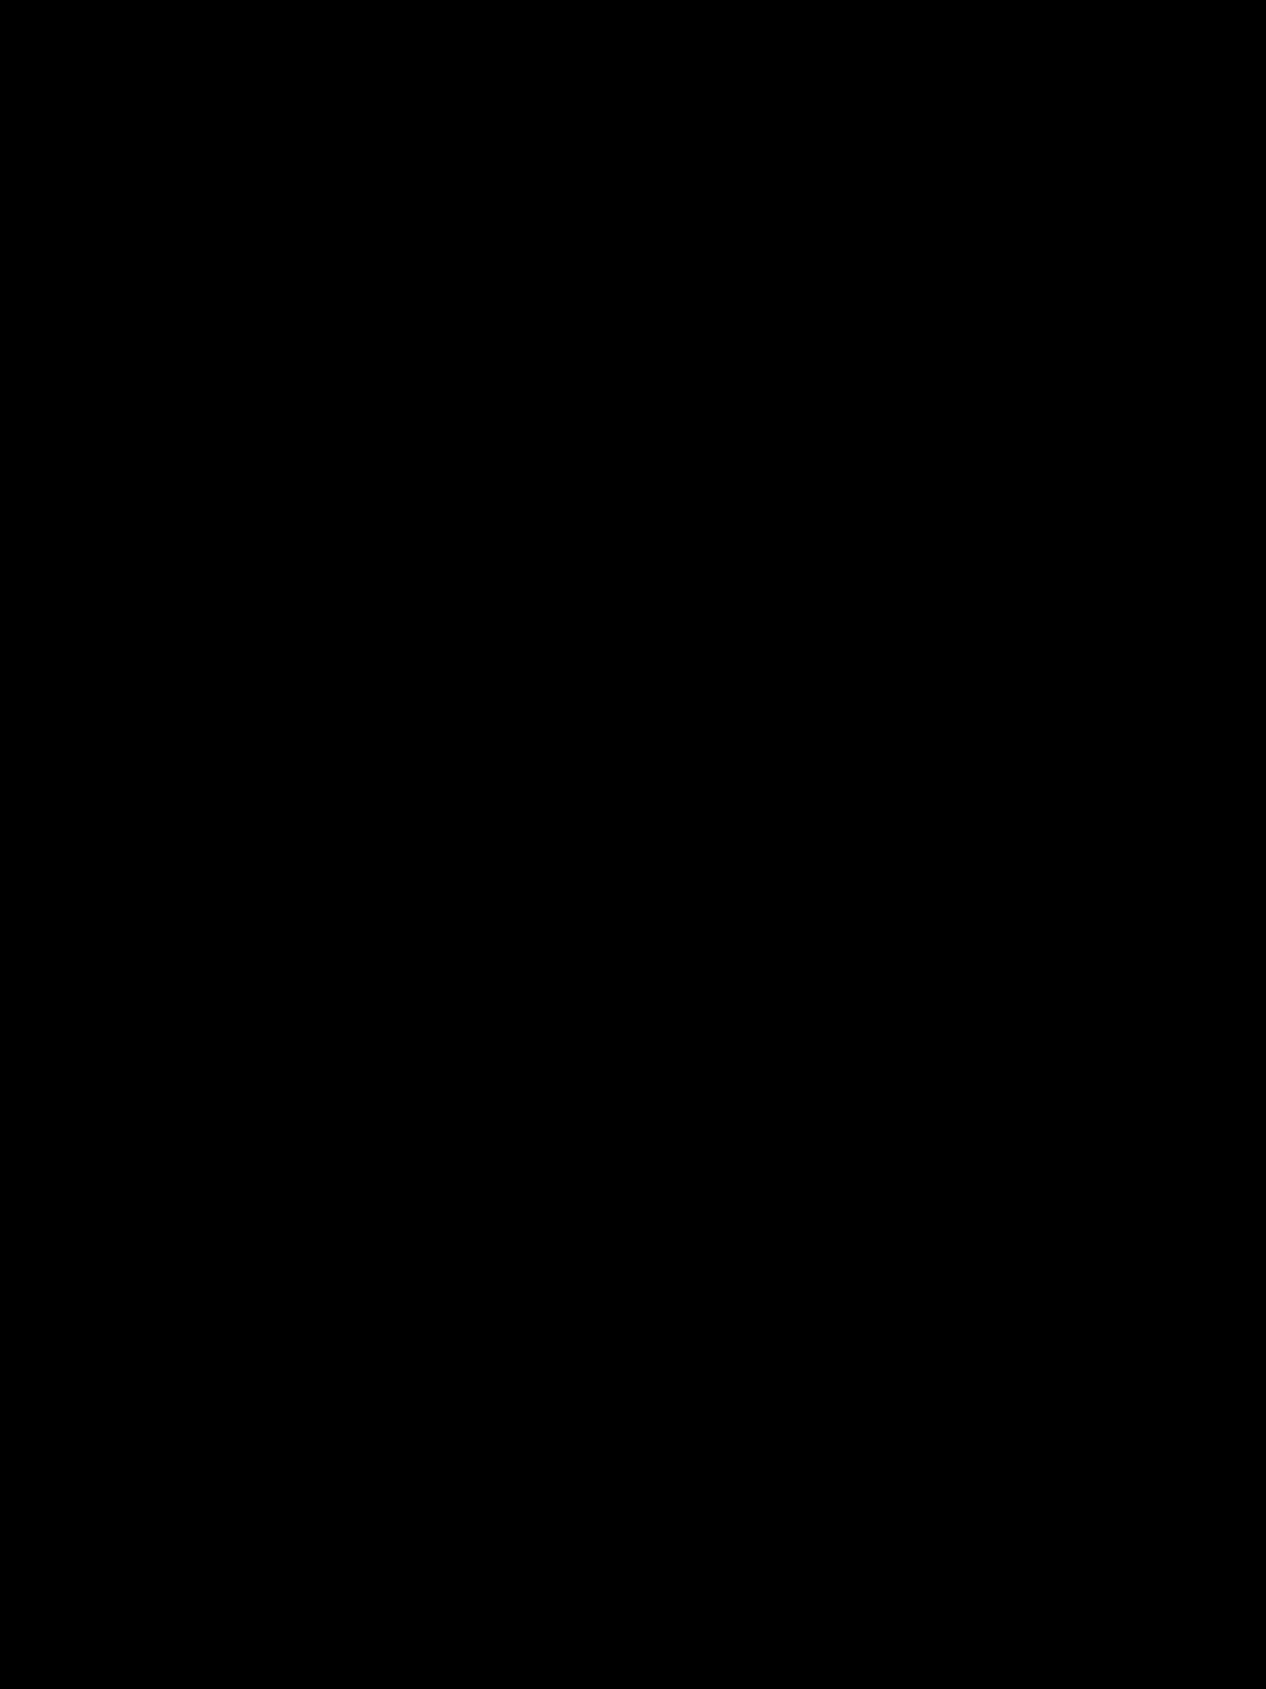 Aktstudie 80×59